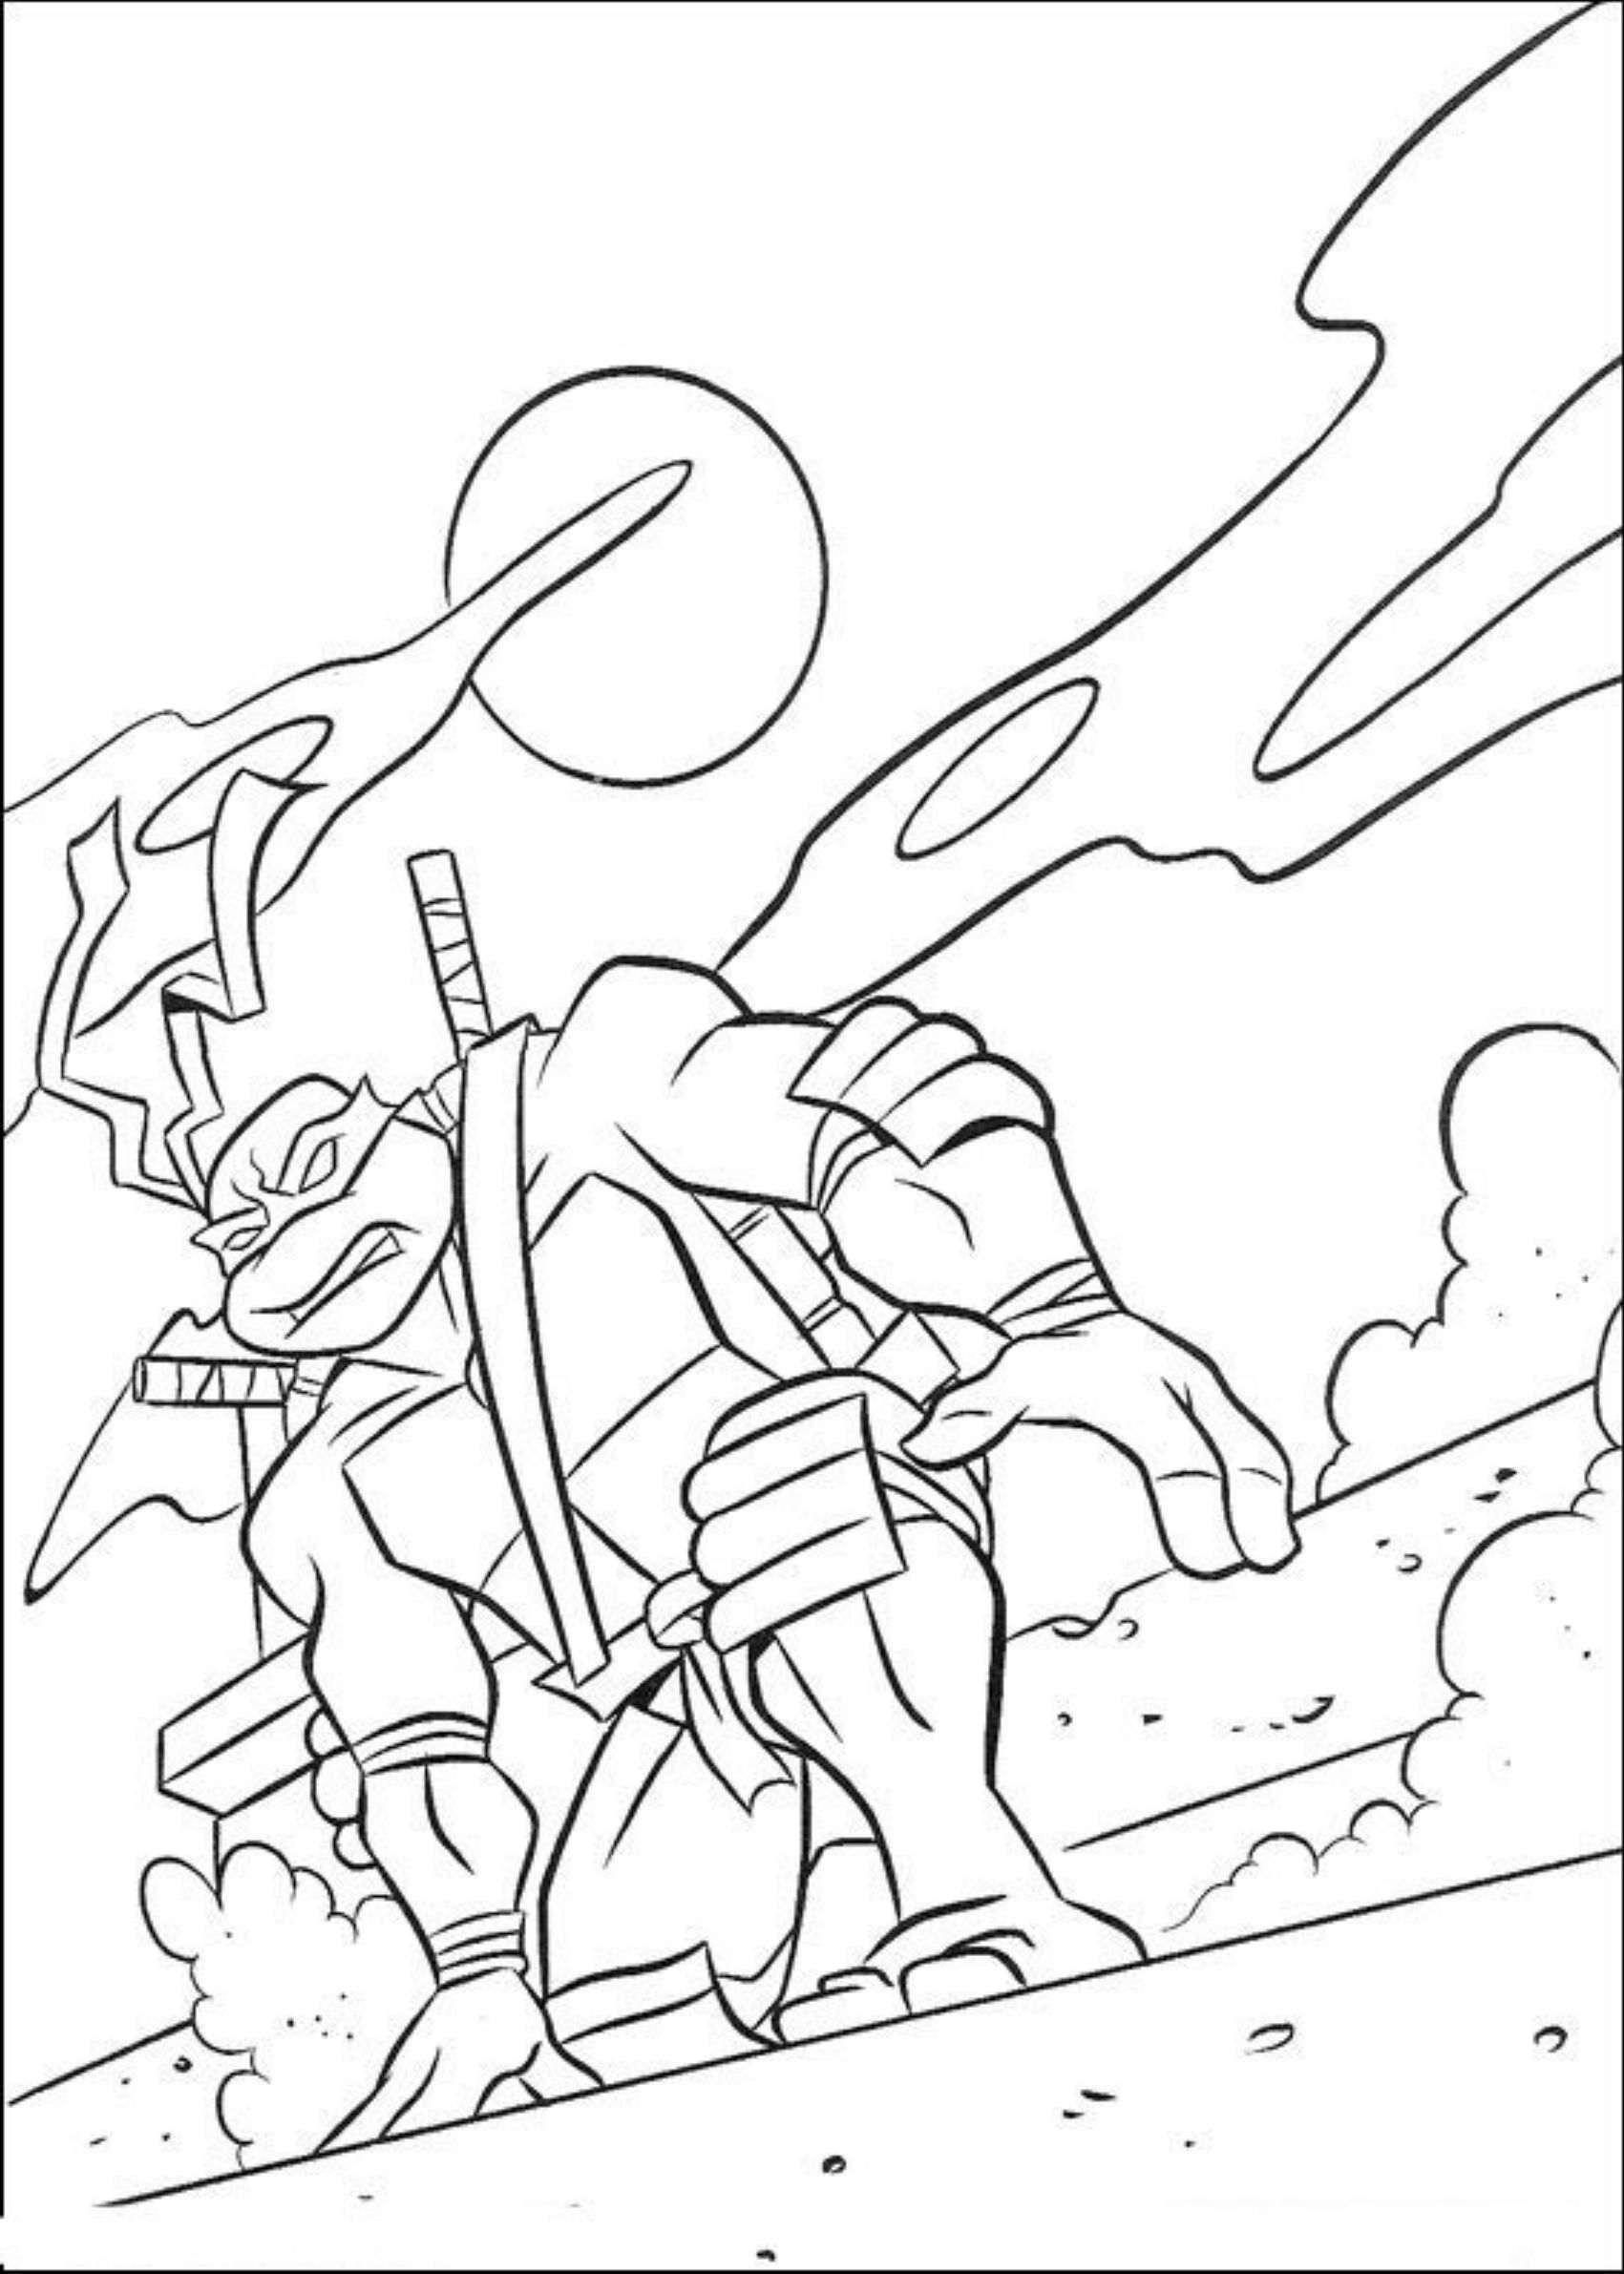 Nos Jeux De Coloriage Tortue Ninja À Imprimer Gratuit avec Coloriage Tortue Ninja A Imprimer Gratuit